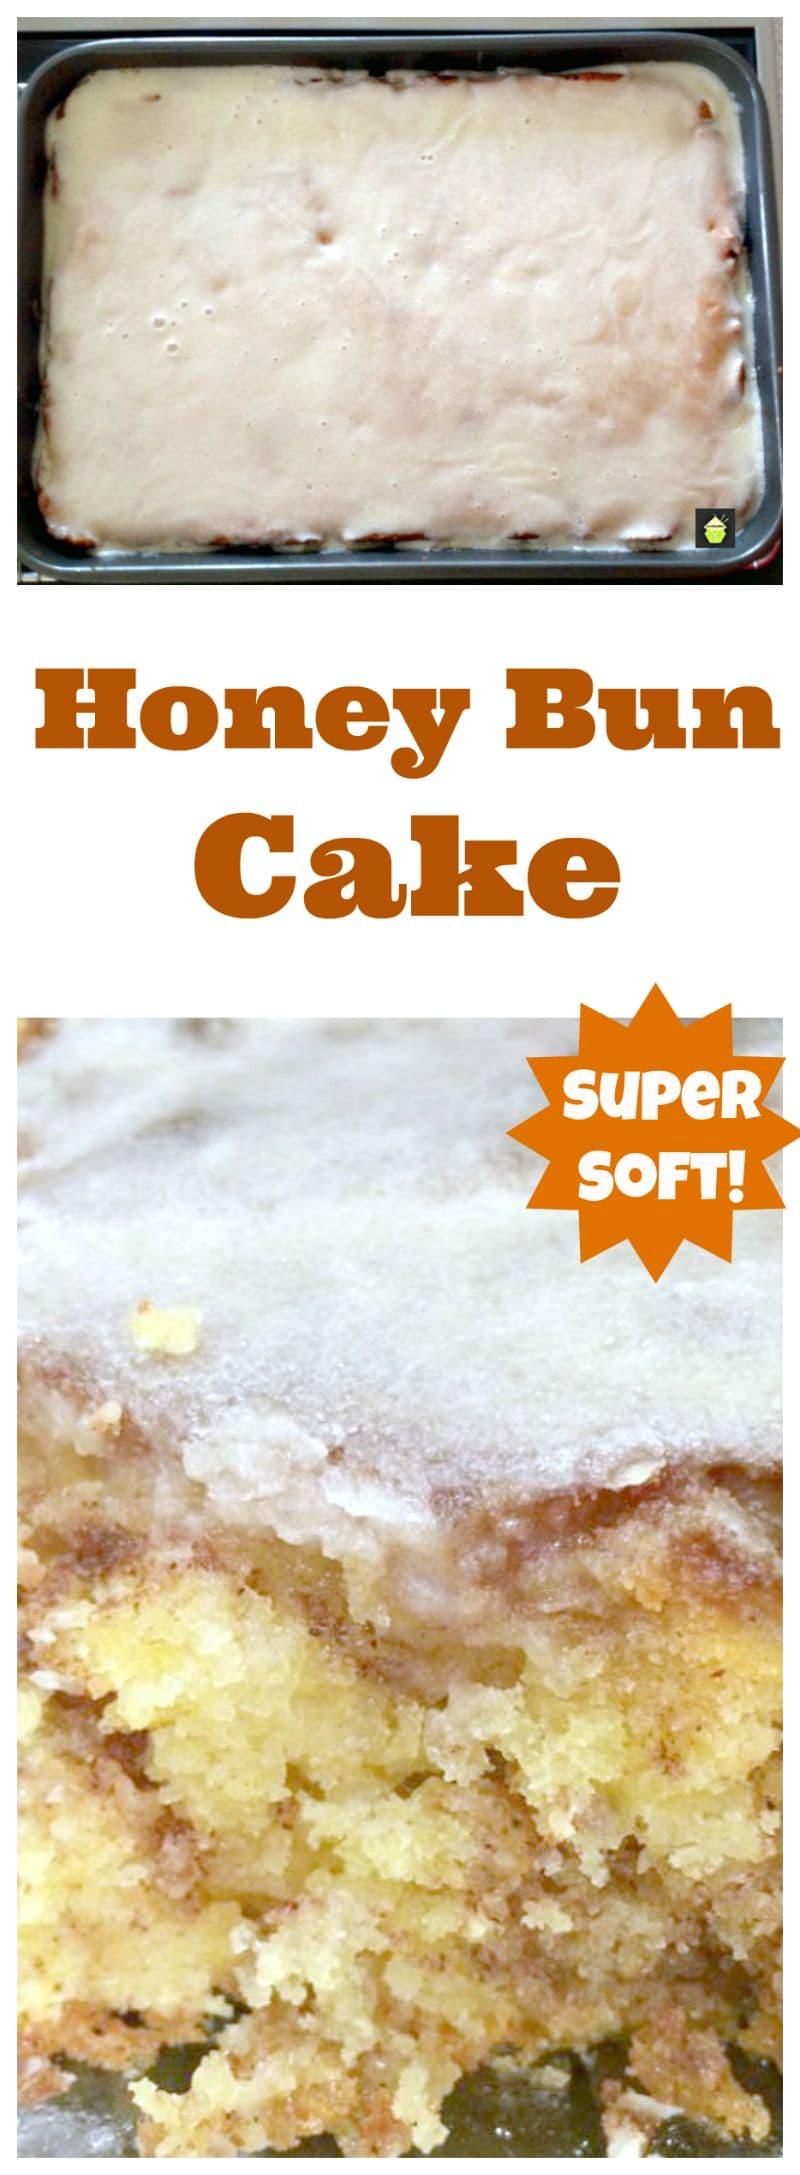 Honey Bun Cake!